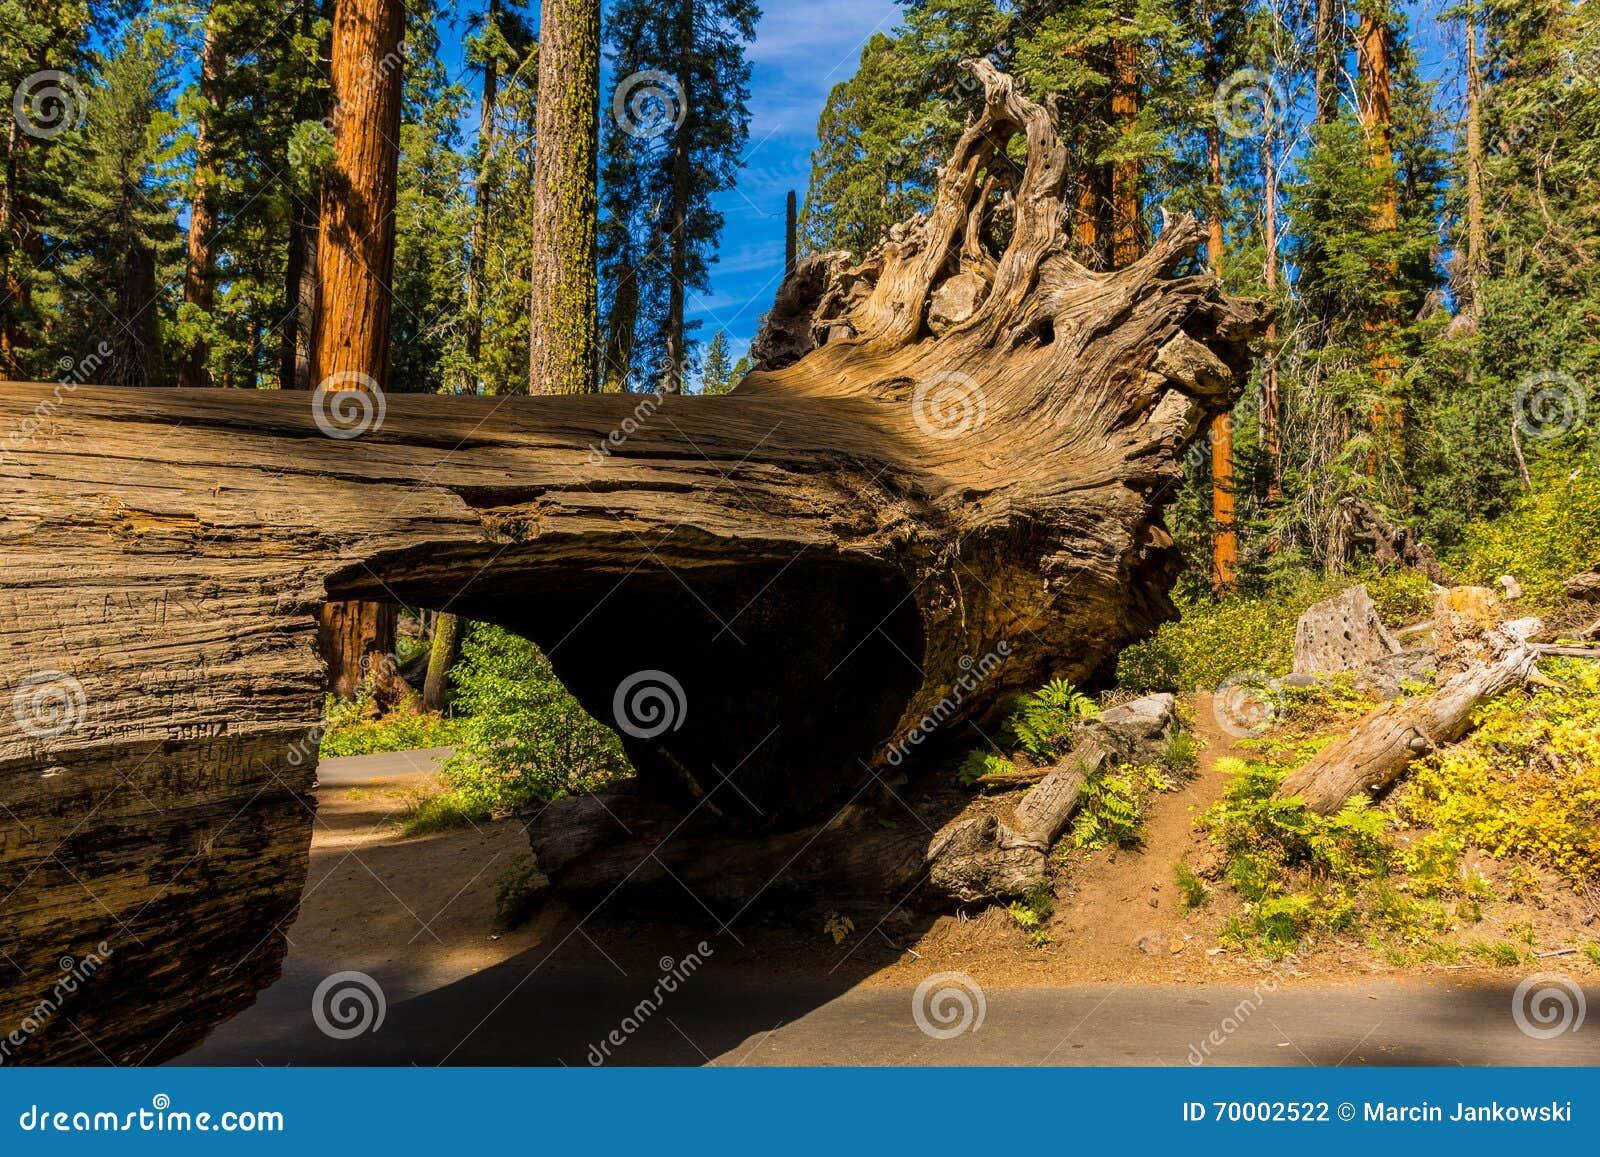 隧道日志,巨型森林,加利福尼亚美国